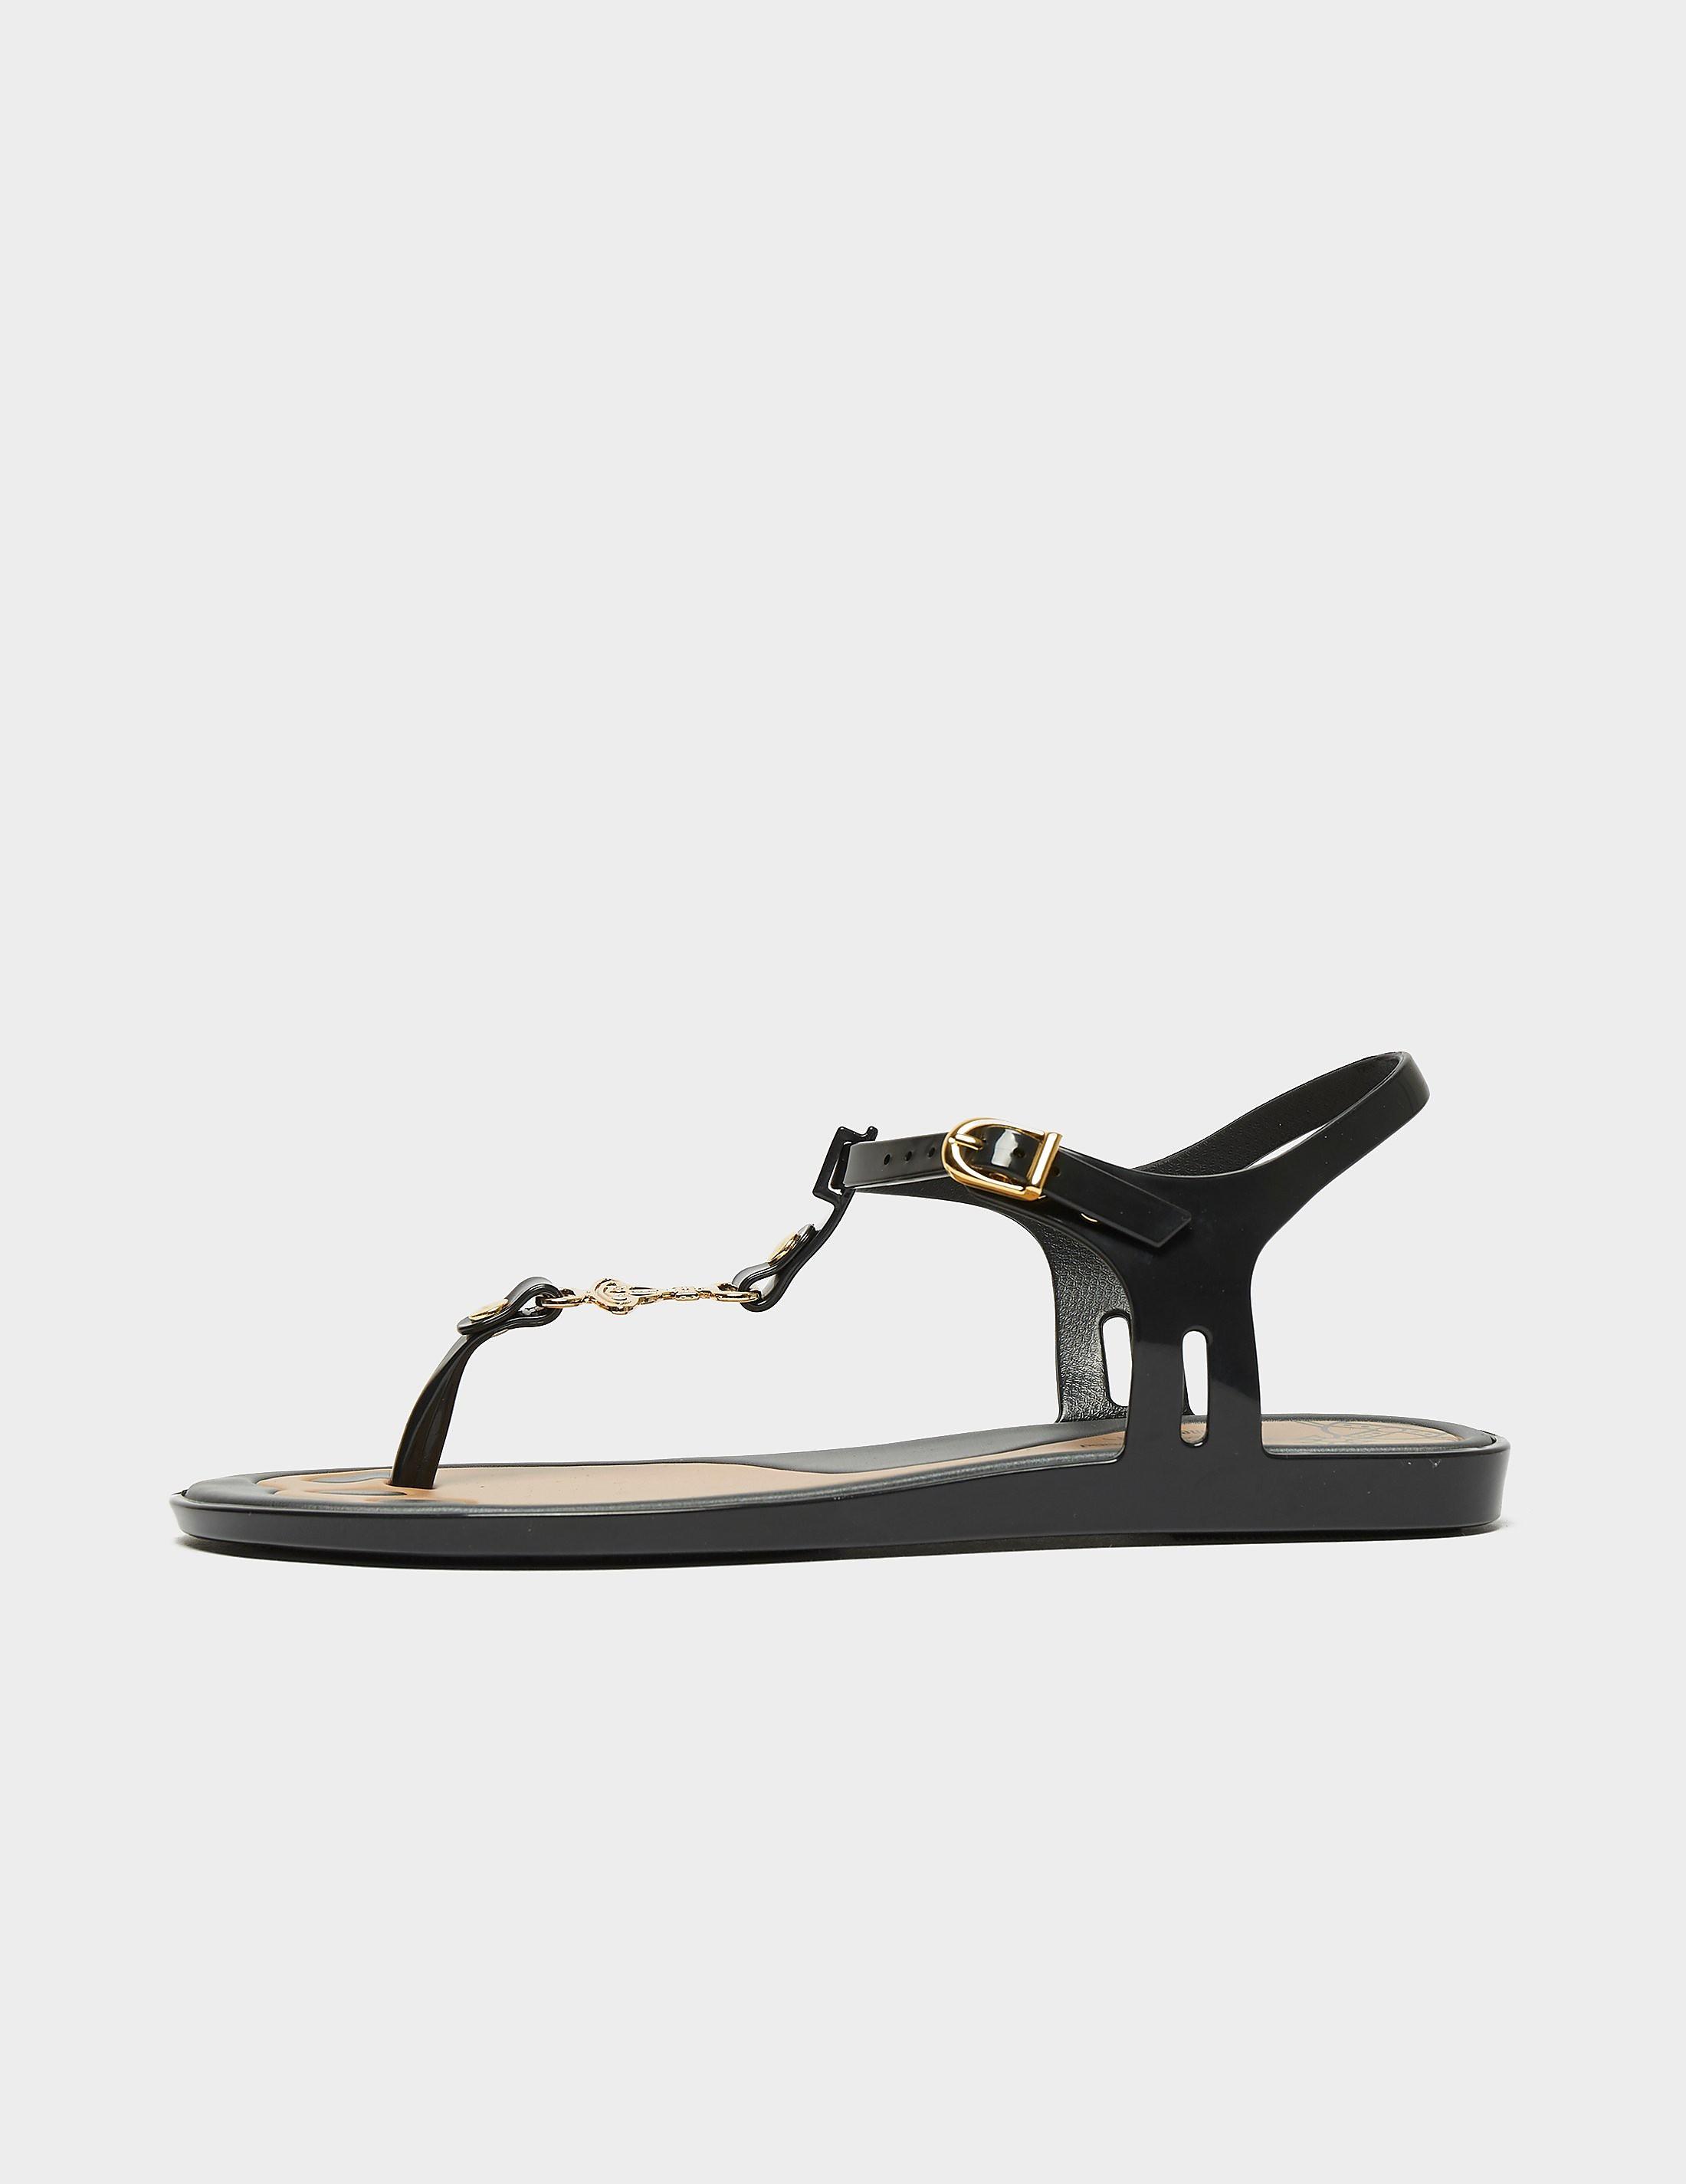 Melissa X Vivienne Westwood Orb Sandal